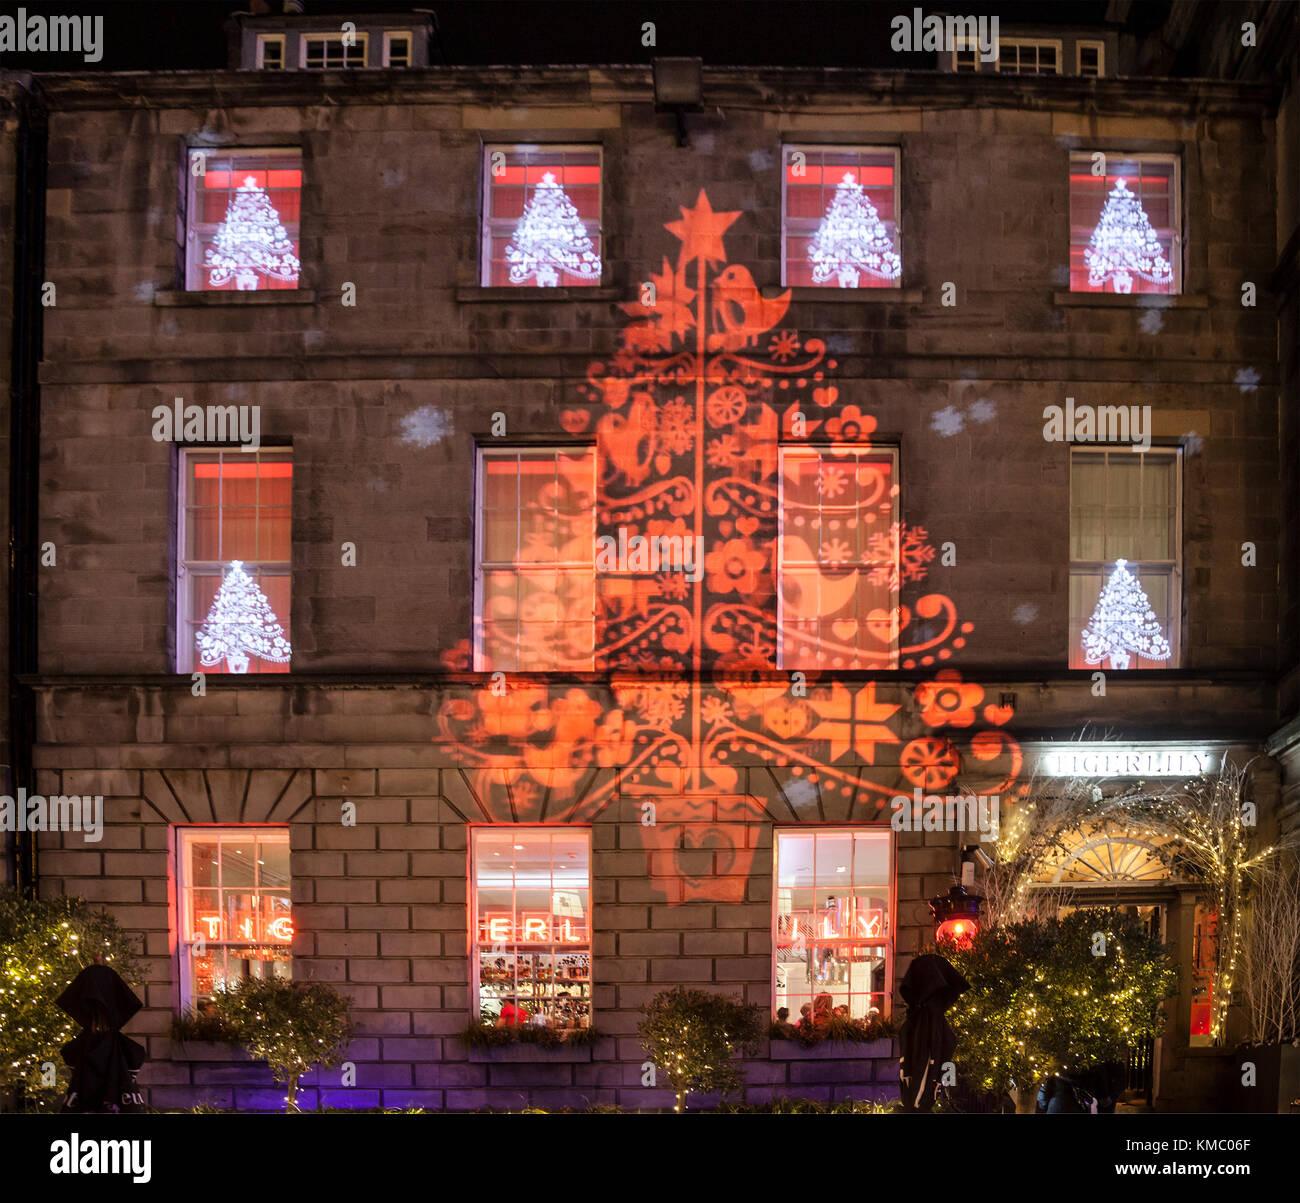 Weihnachtsb ume und schneeflocken licht projektion auf die - Halloween fenster projektion ...